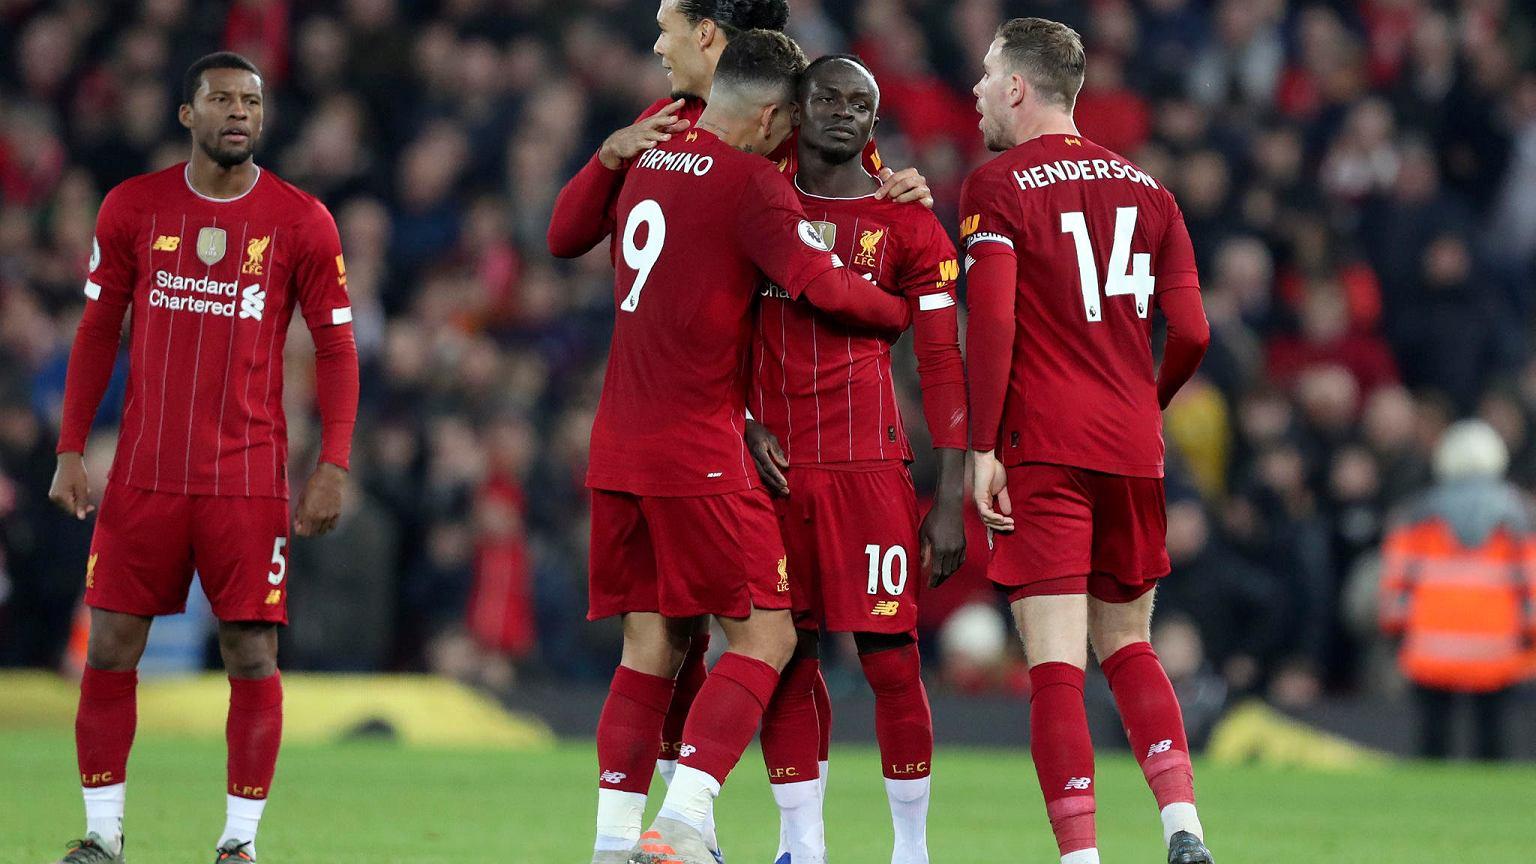 Liverpool wygrał z Wolverhampton. Kluczowy okazał się VAR Piłka nożna - Sport.pl